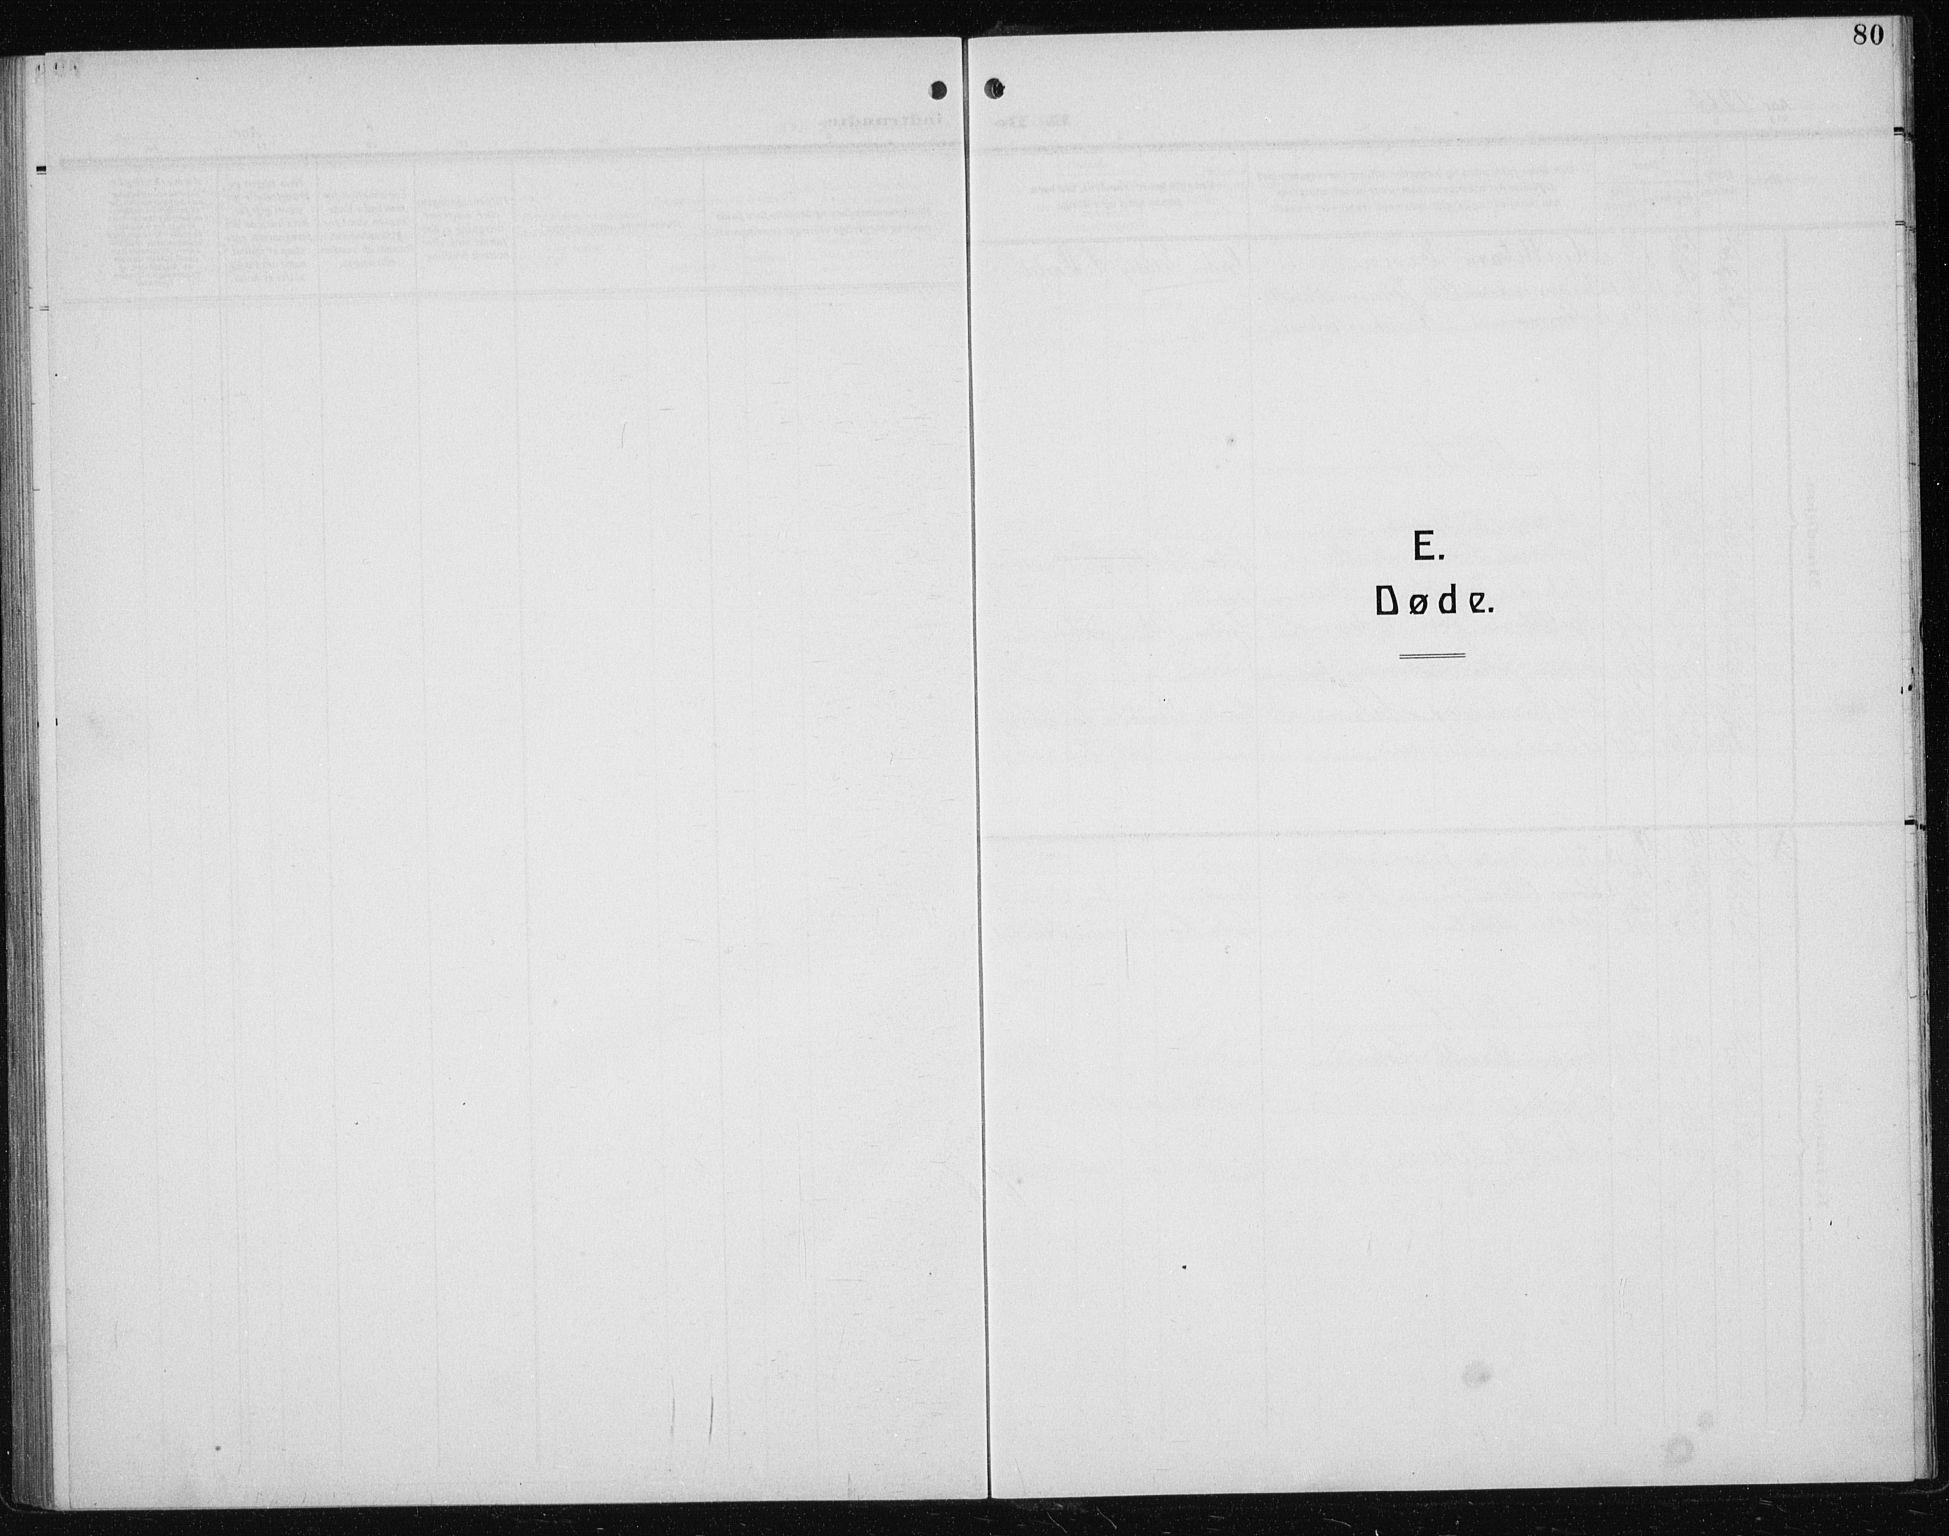 SAT, Ministerialprotokoller, klokkerbøker og fødselsregistre - Sør-Trøndelag, 608/L0342: Klokkerbok nr. 608C08, 1912-1938, s. 80